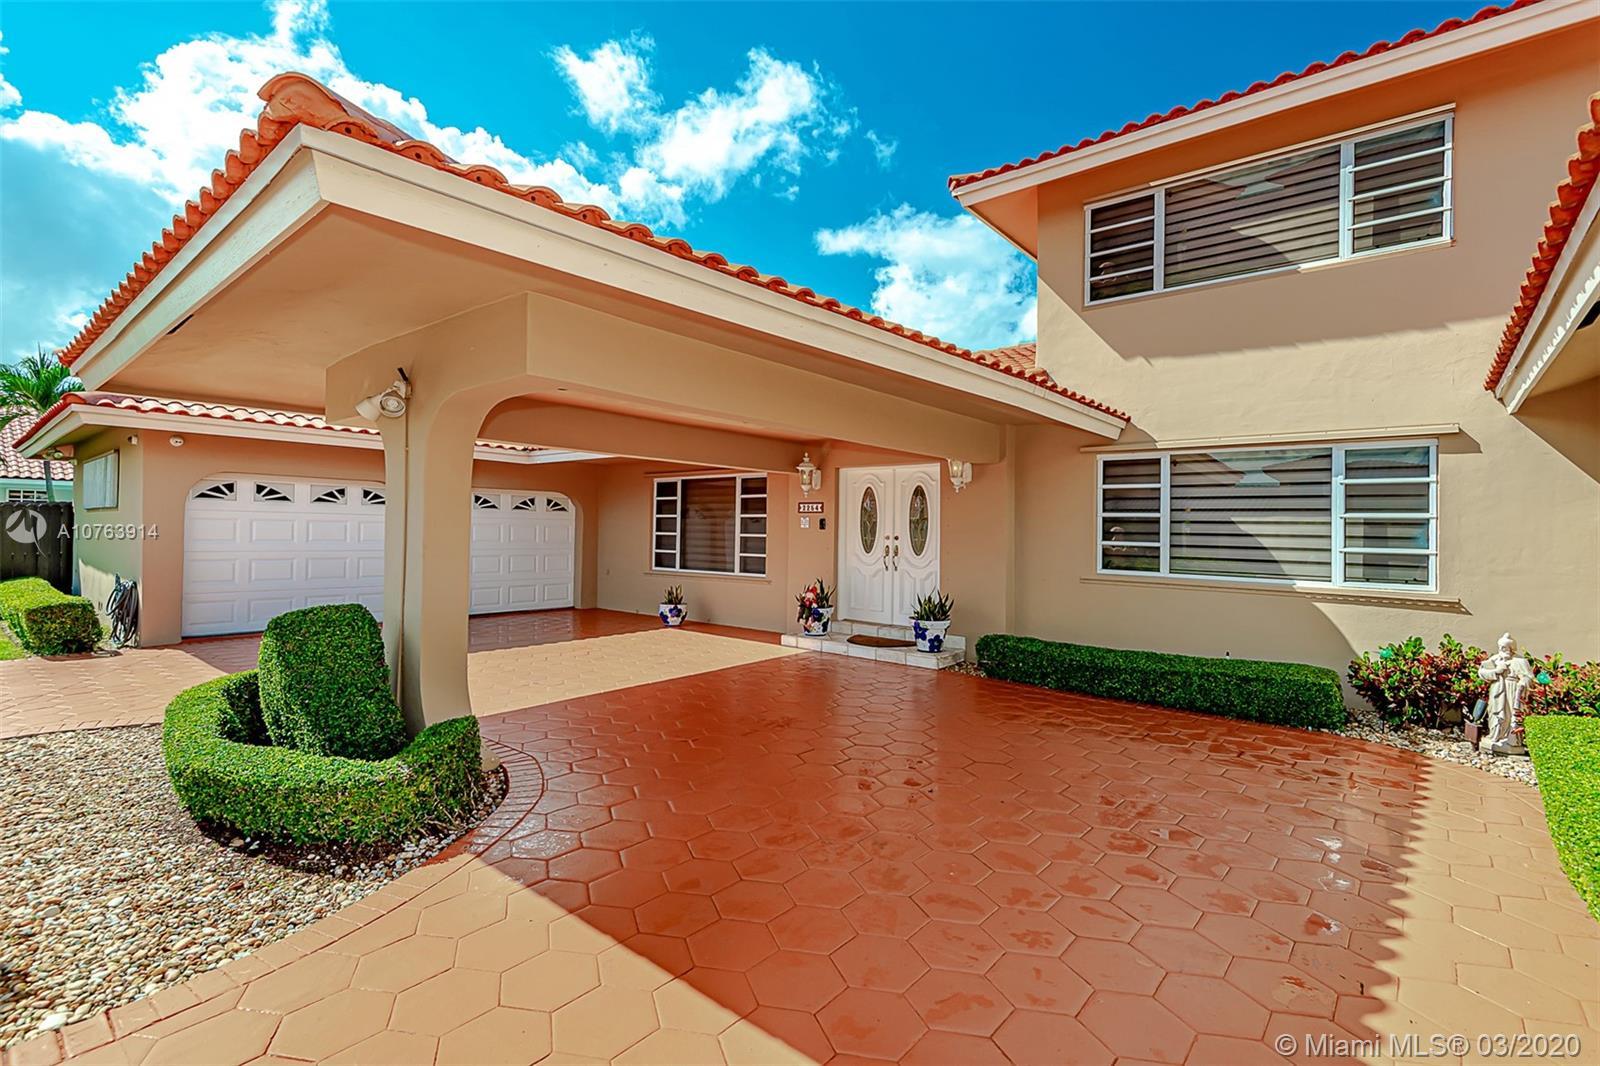 2254 SW 133rd Ct, Miami, FL 33175